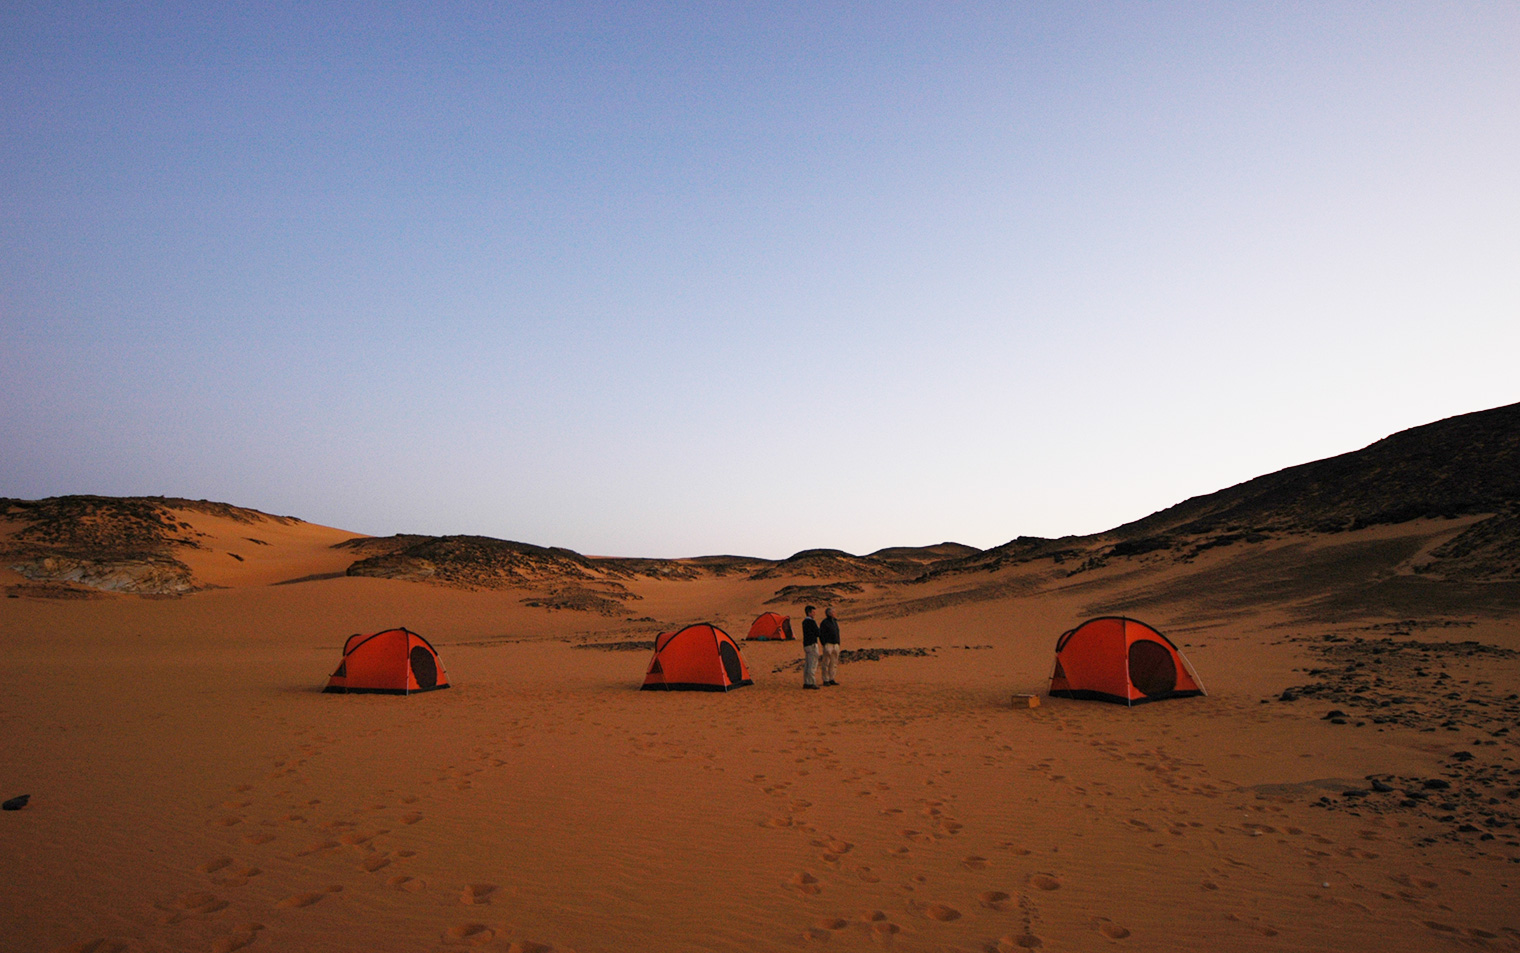 Sudan-Kerma-Wild-Camp-Tents